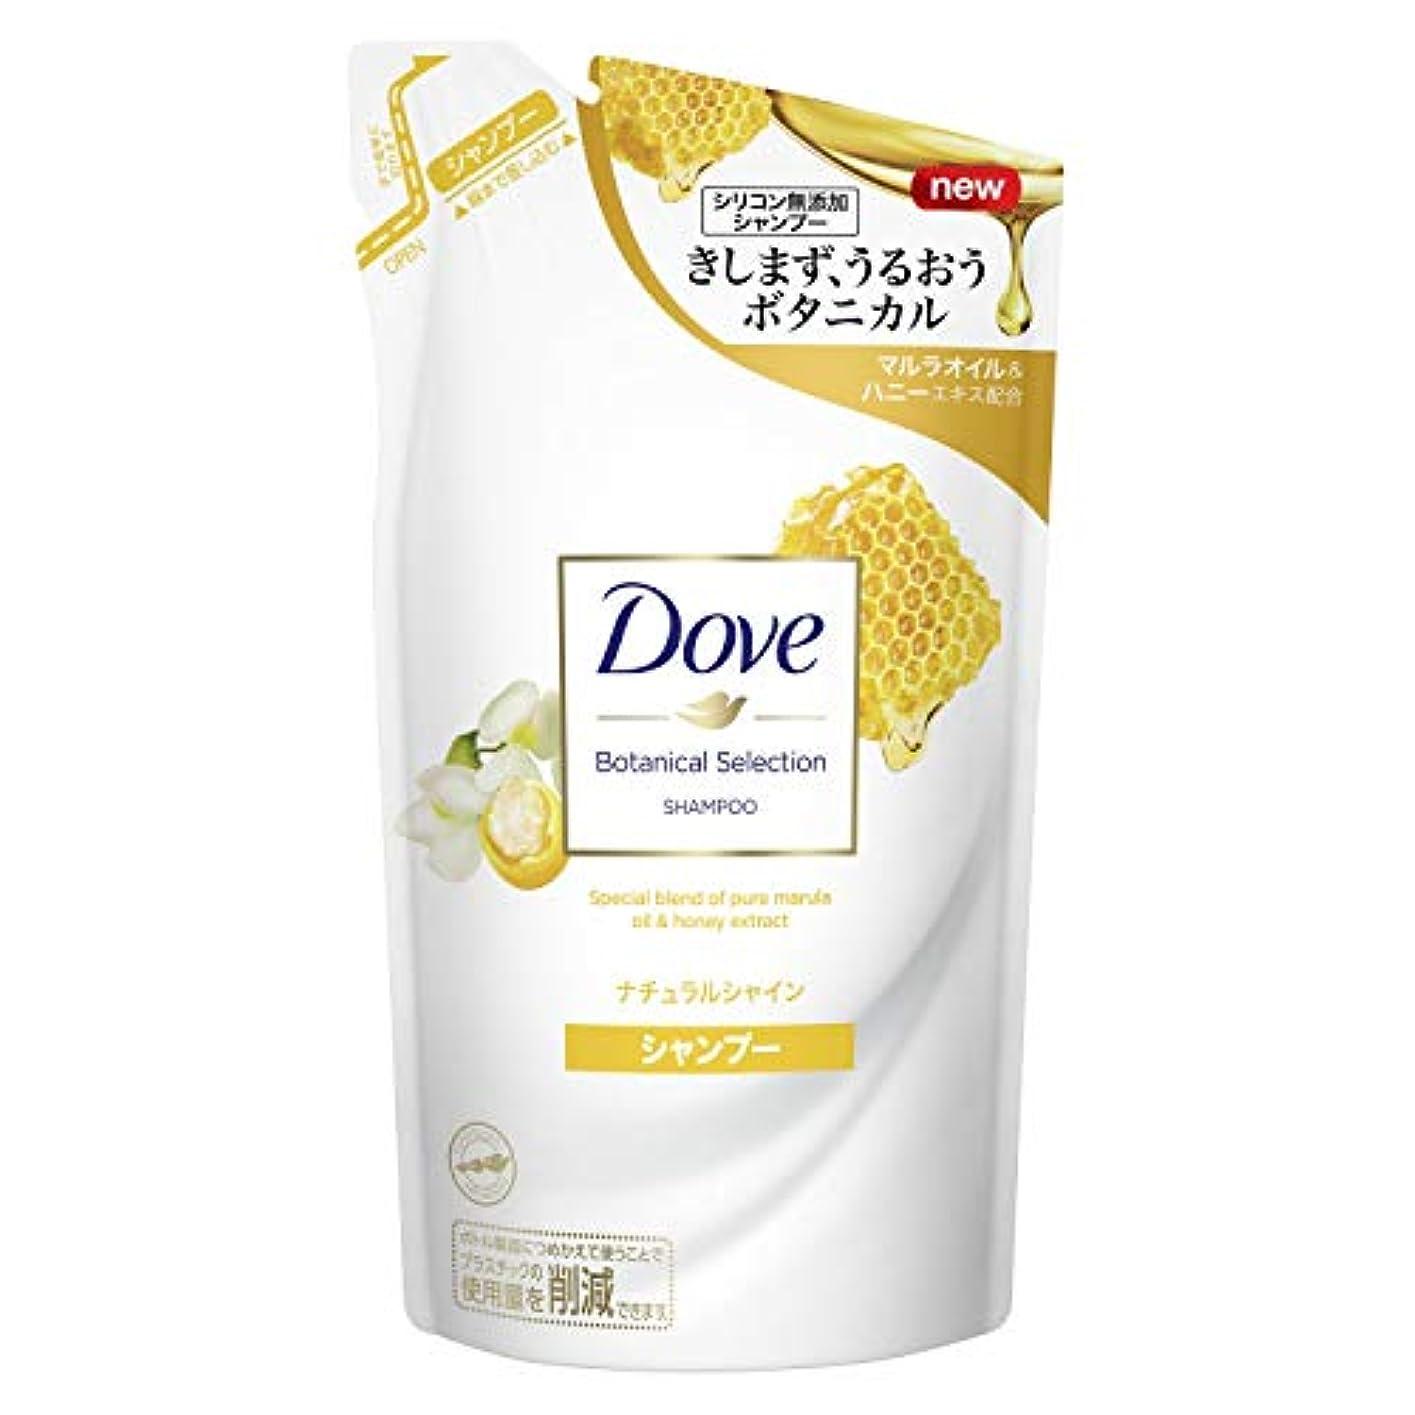 卑しい六作業Dove(ダヴ) ダヴ ボタニカルセレクション ナチュラルシャイン シャンプー つめかえ用 350g